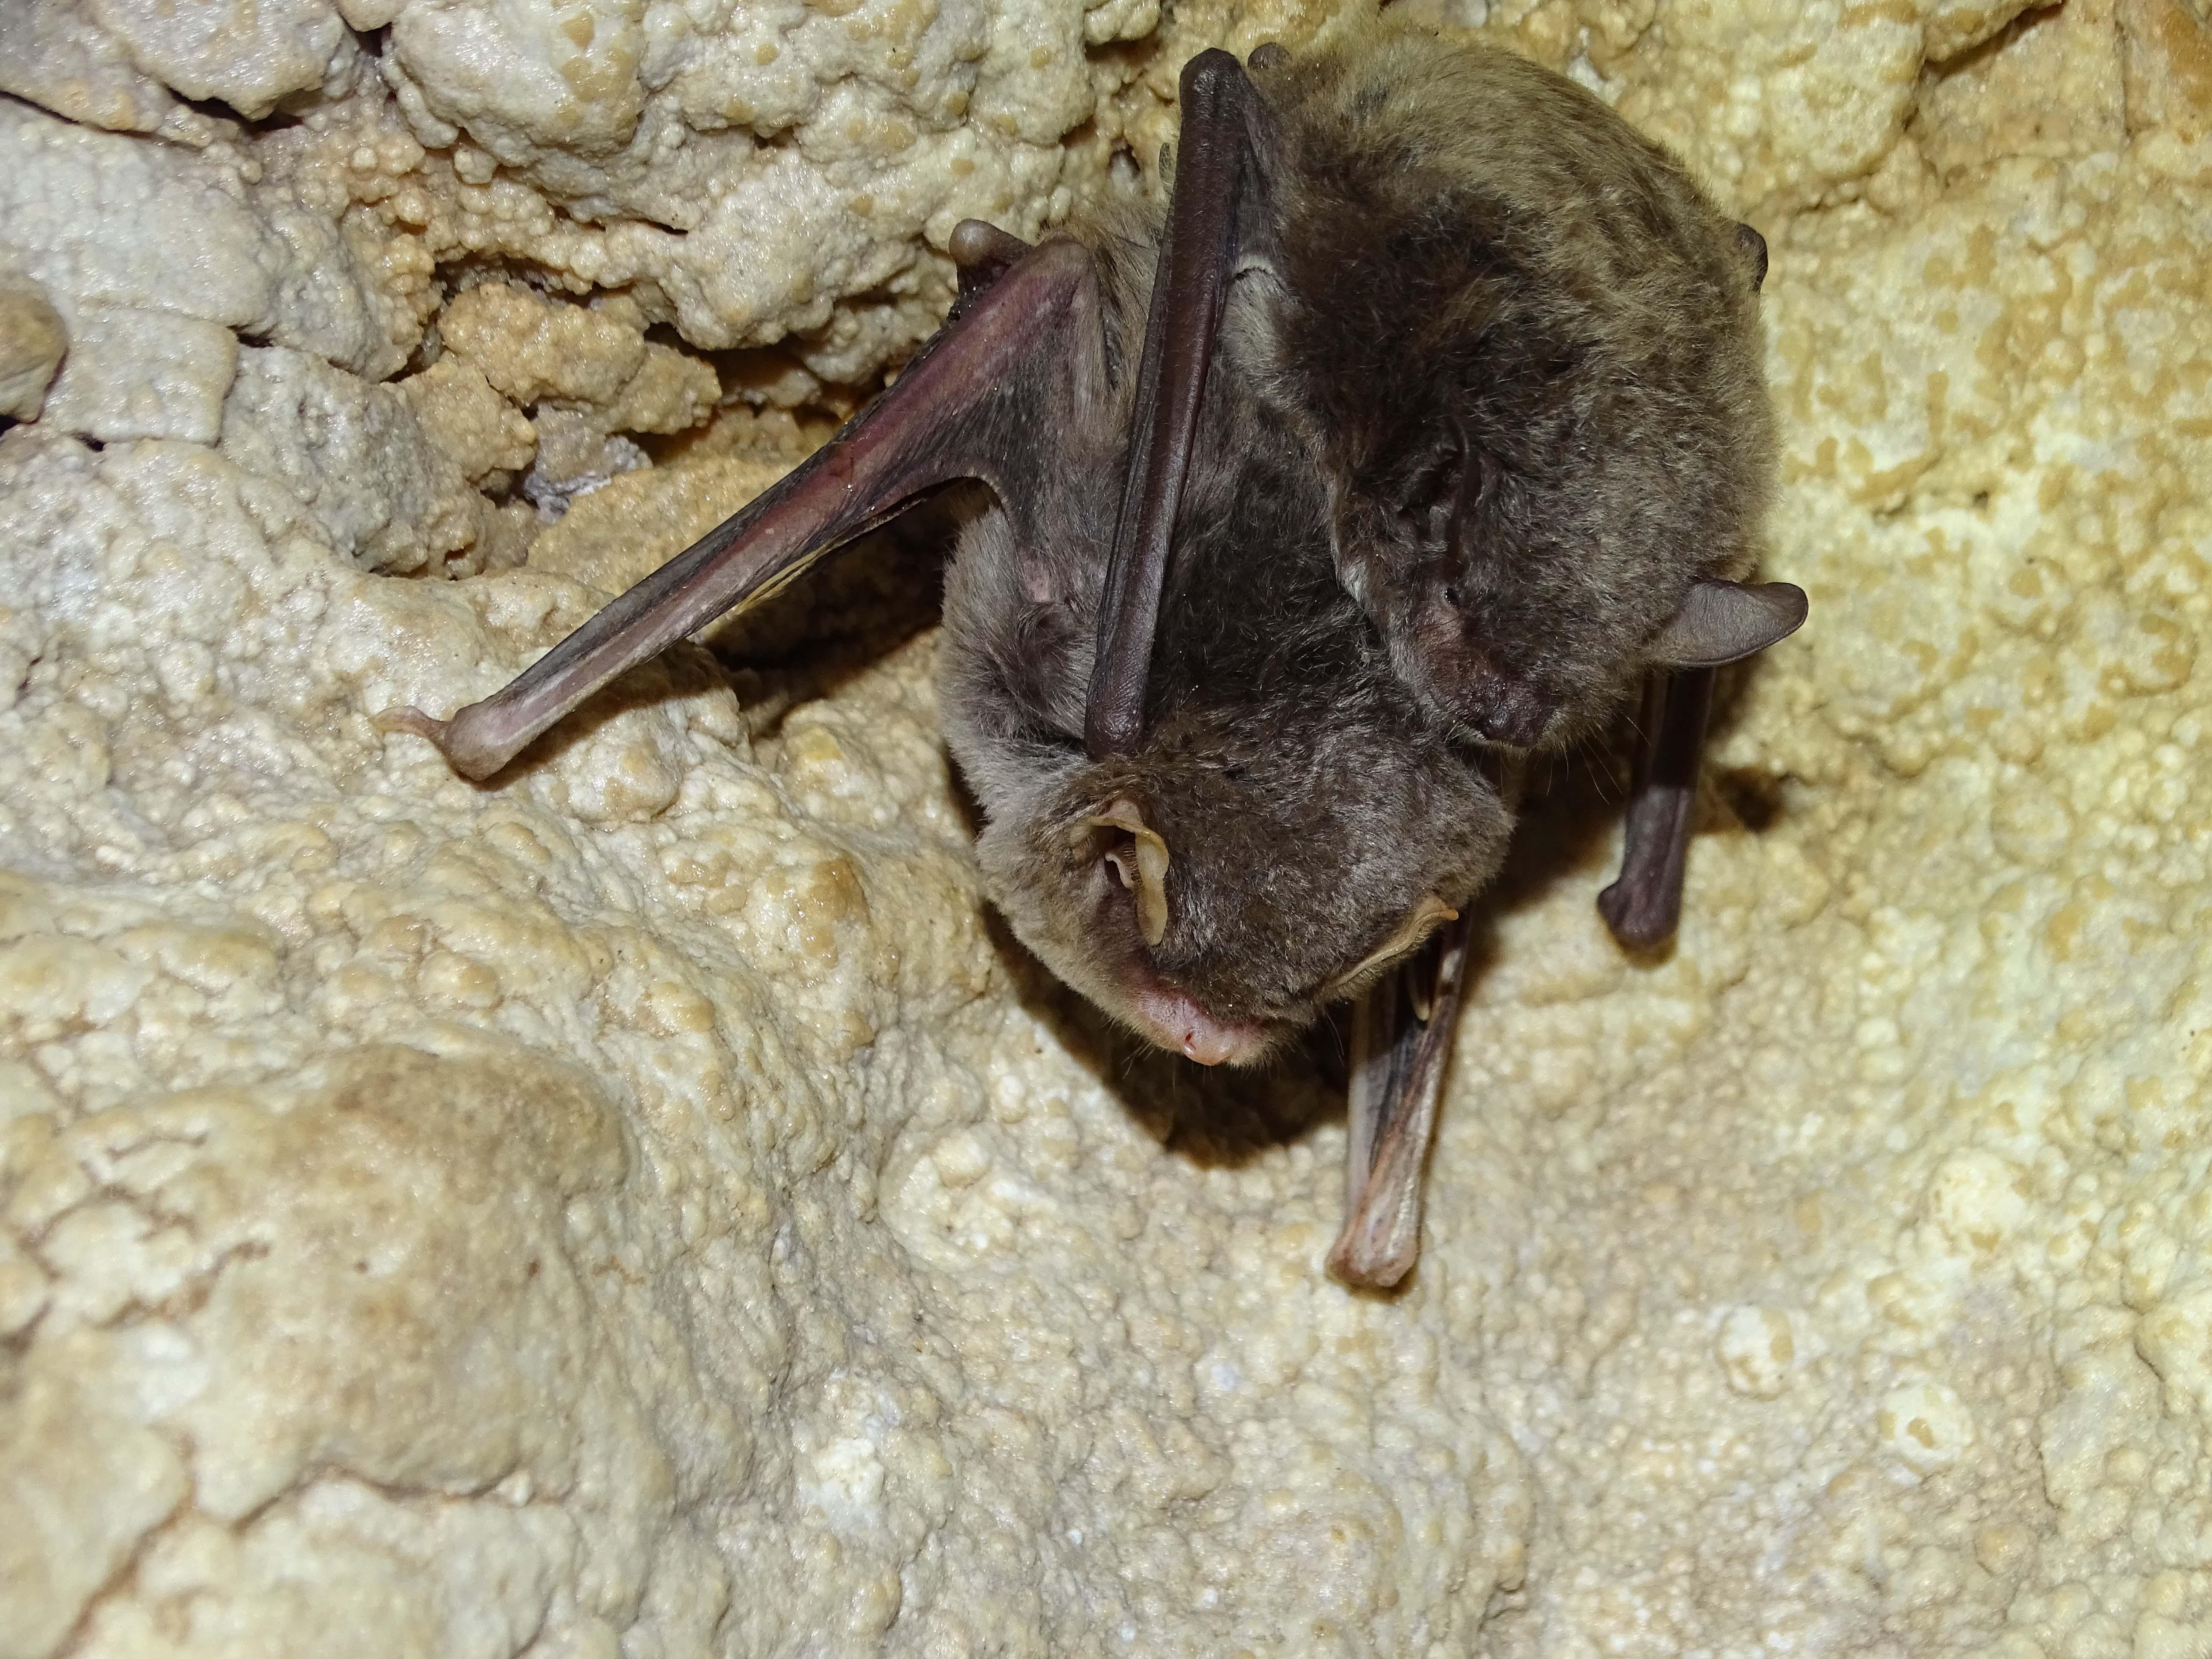 Dos murciélagos, uno de cueva y otro 'de capaccini', juntos. El primero es 'Vulnerable' y el segundo está 'En peligro de extinción'.  Imagen: ANSE